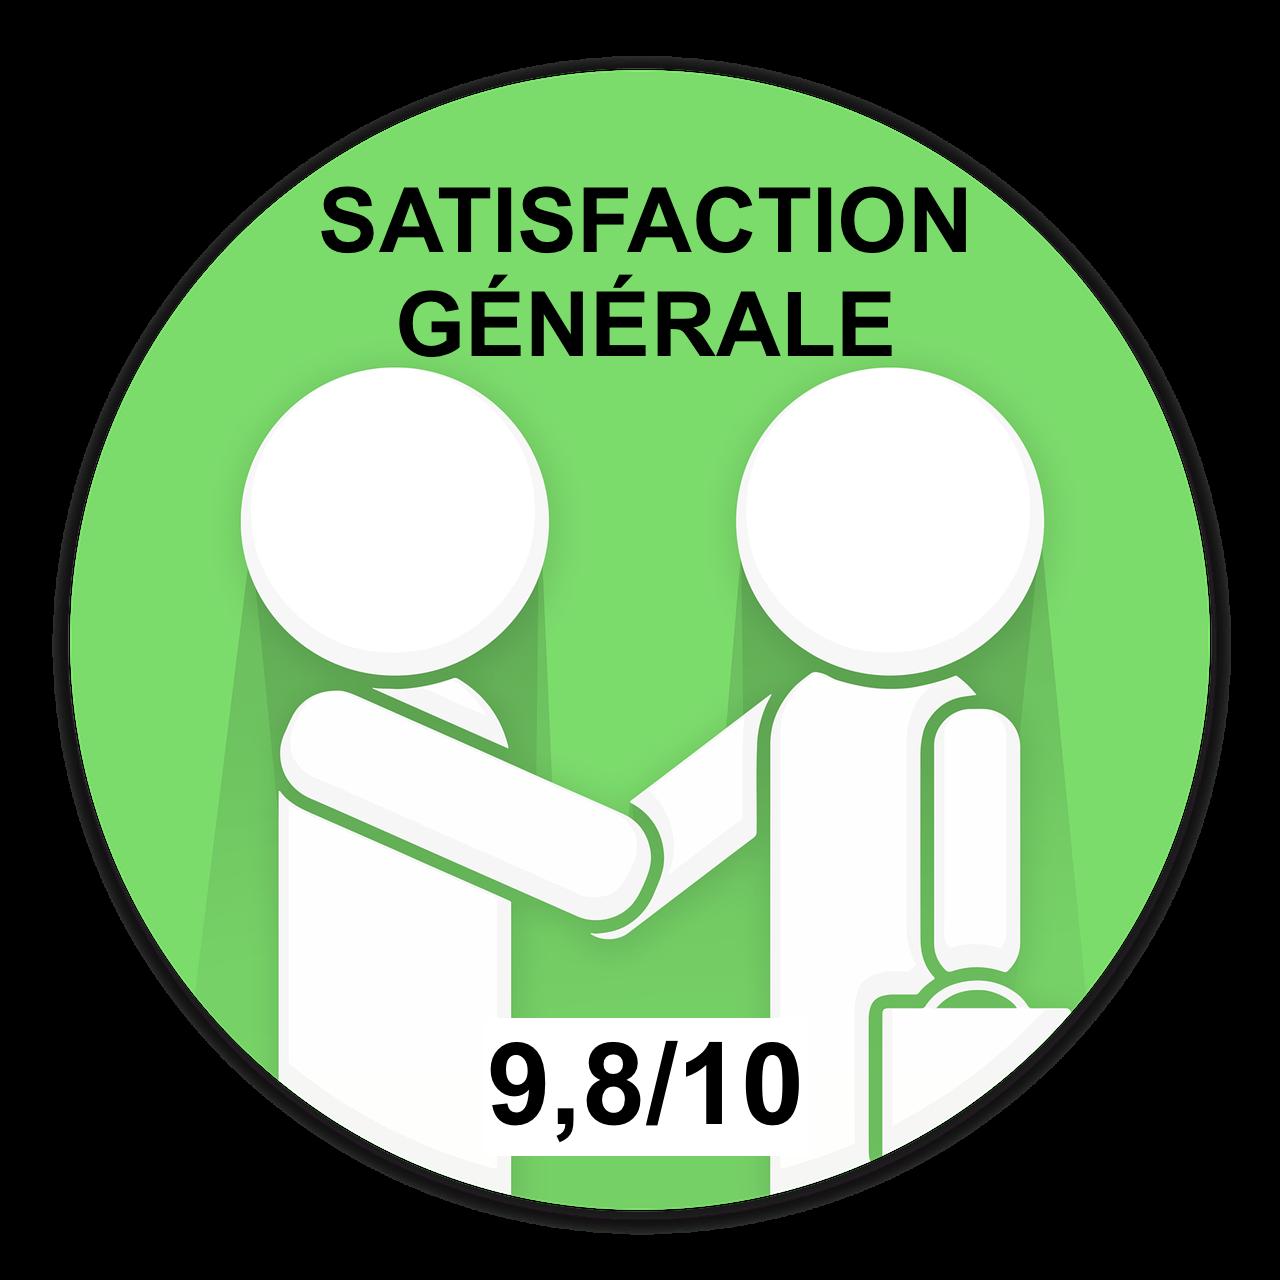 Satisfaction generale clf